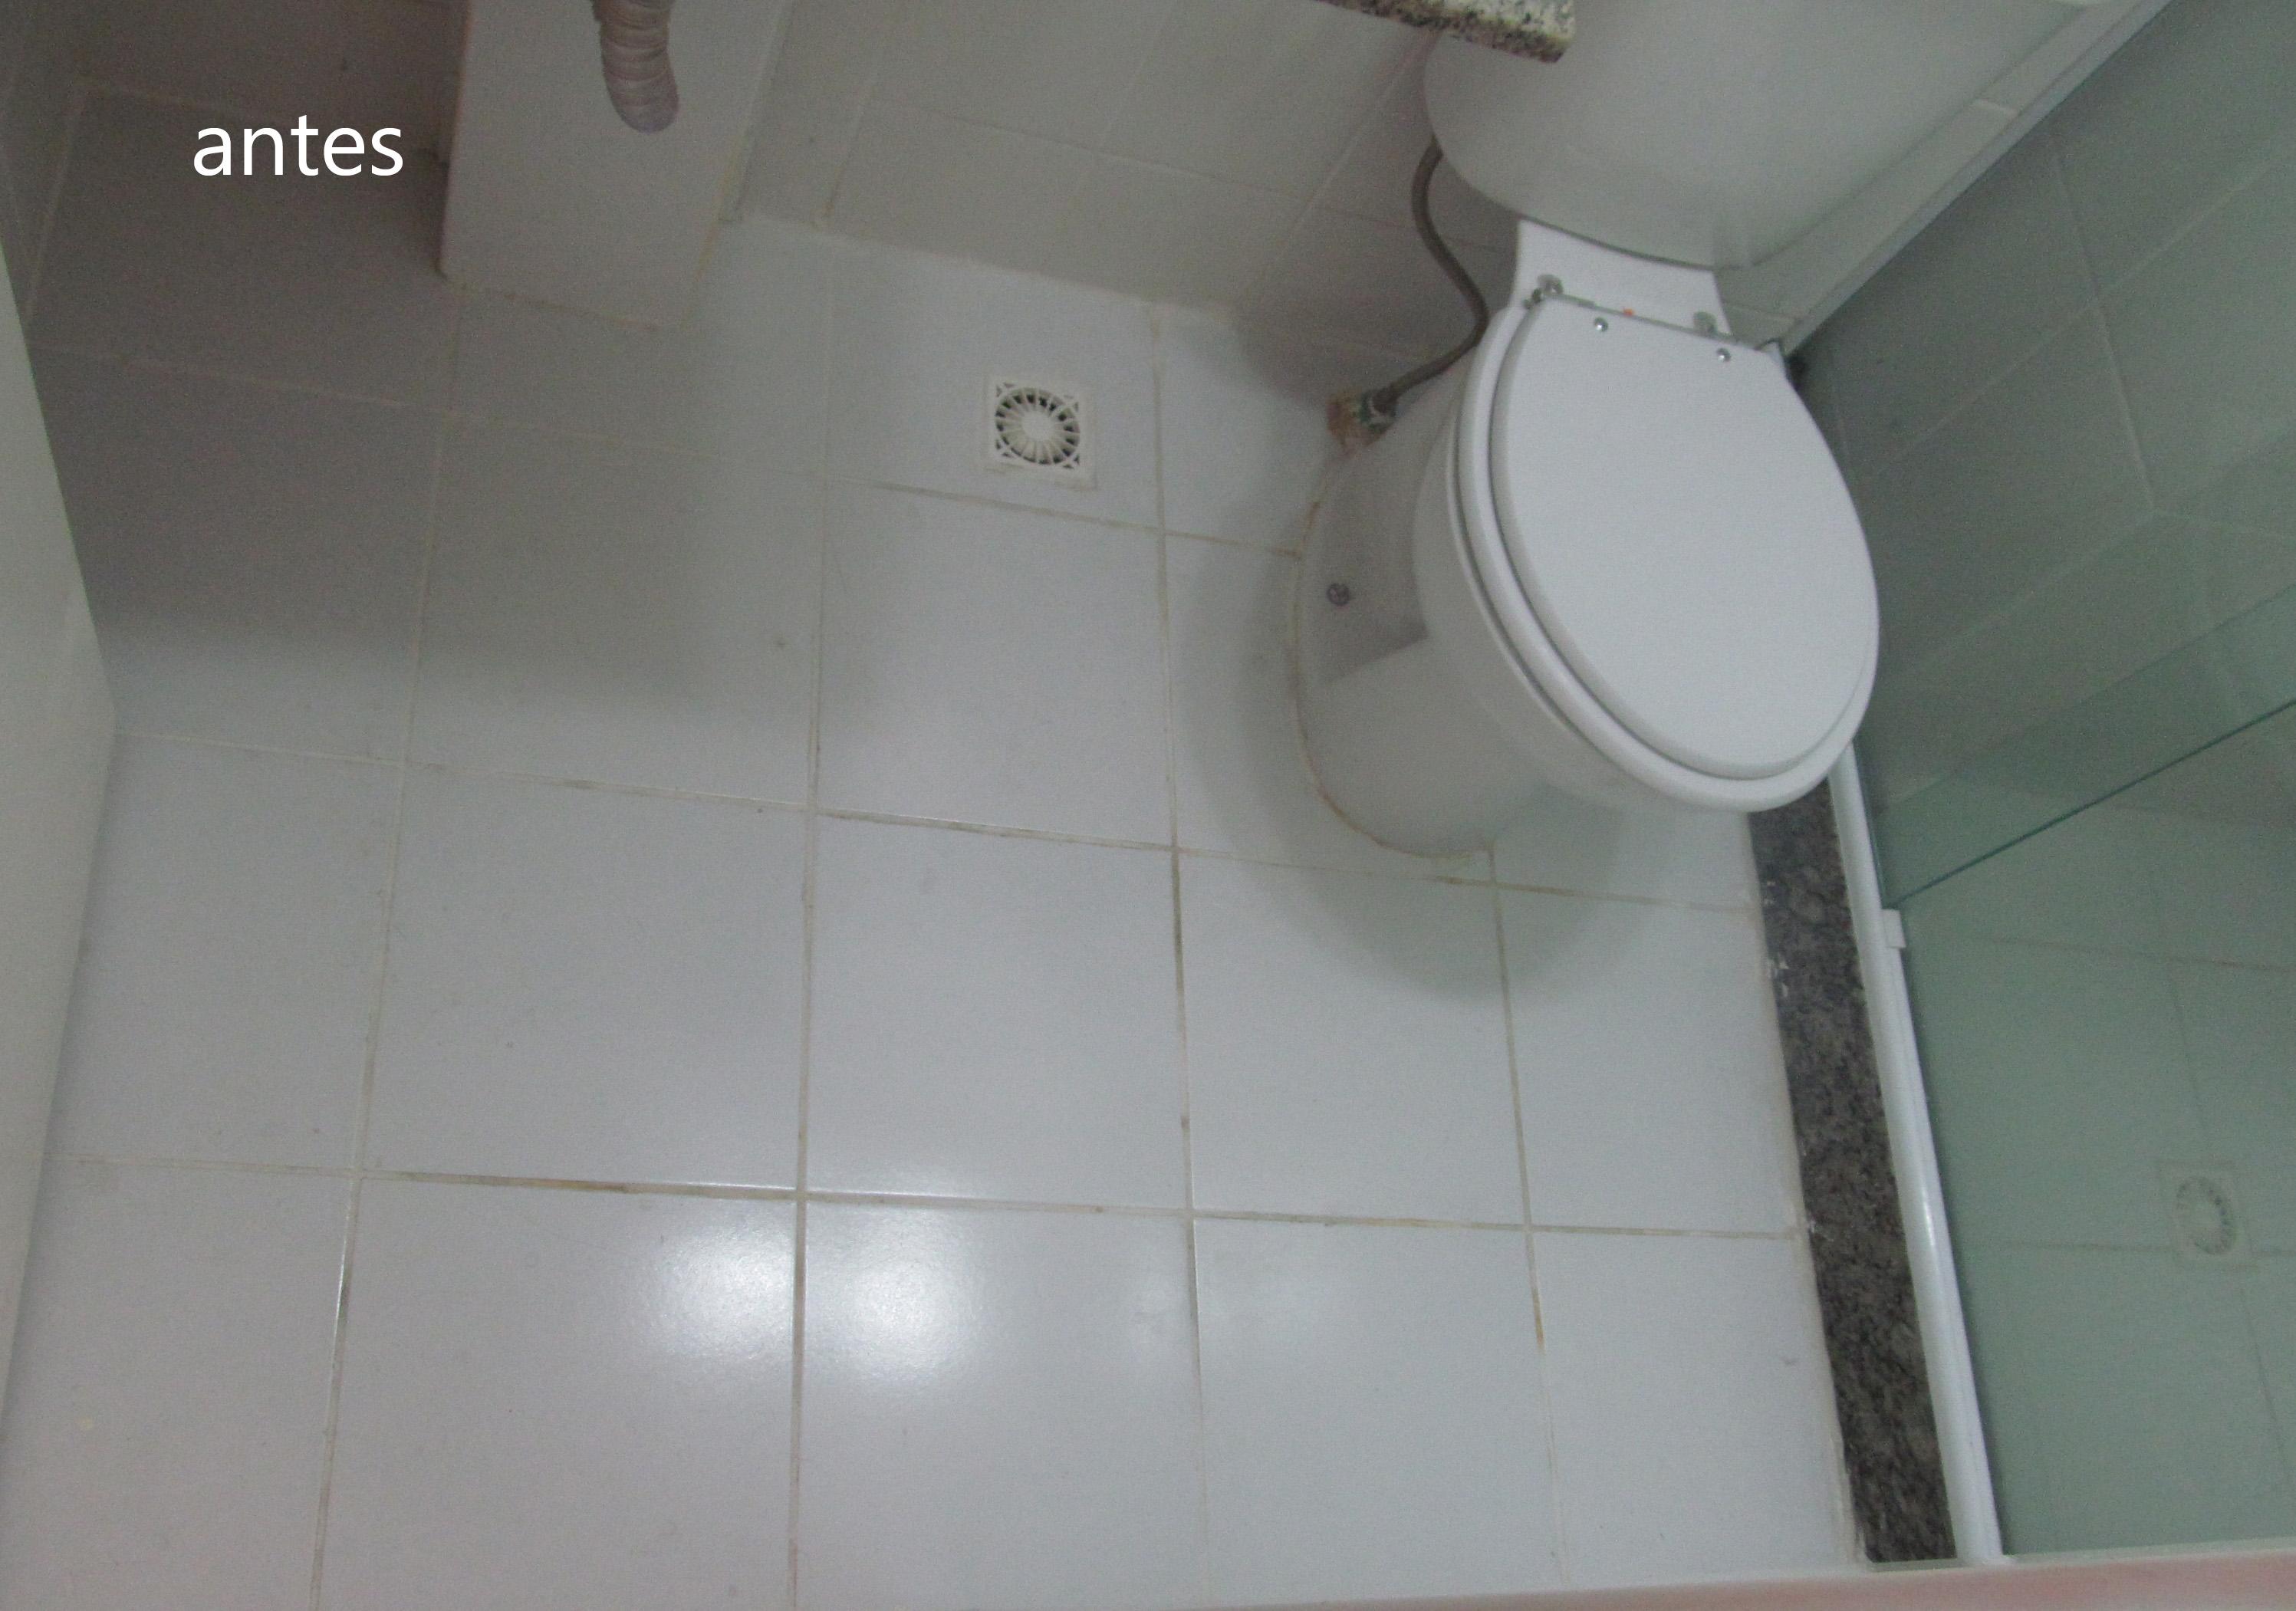 Porcelanato ou Deck de Madeira? Revestindo Banheiro e Varanda a saga  #515E58 2994x2101 Banheiro Com Piso De Porcelanato